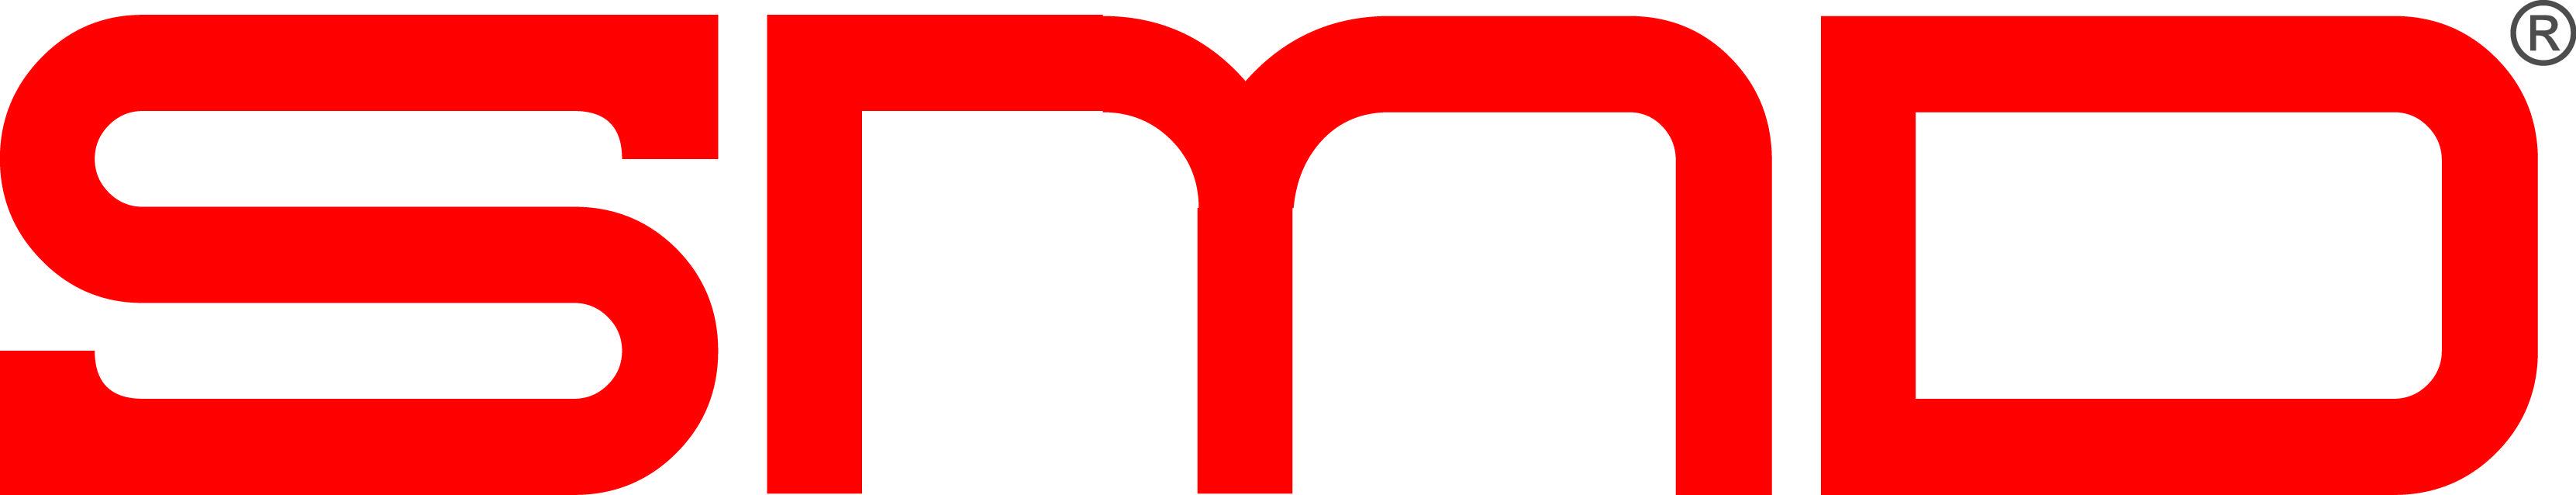 Komplettsanierung, Wasserschaden, Brandschaden, Sturmschaden, Blitzschaden, Schimmelbefall - SMD Sanierungs-Management GmbH & Co. KG